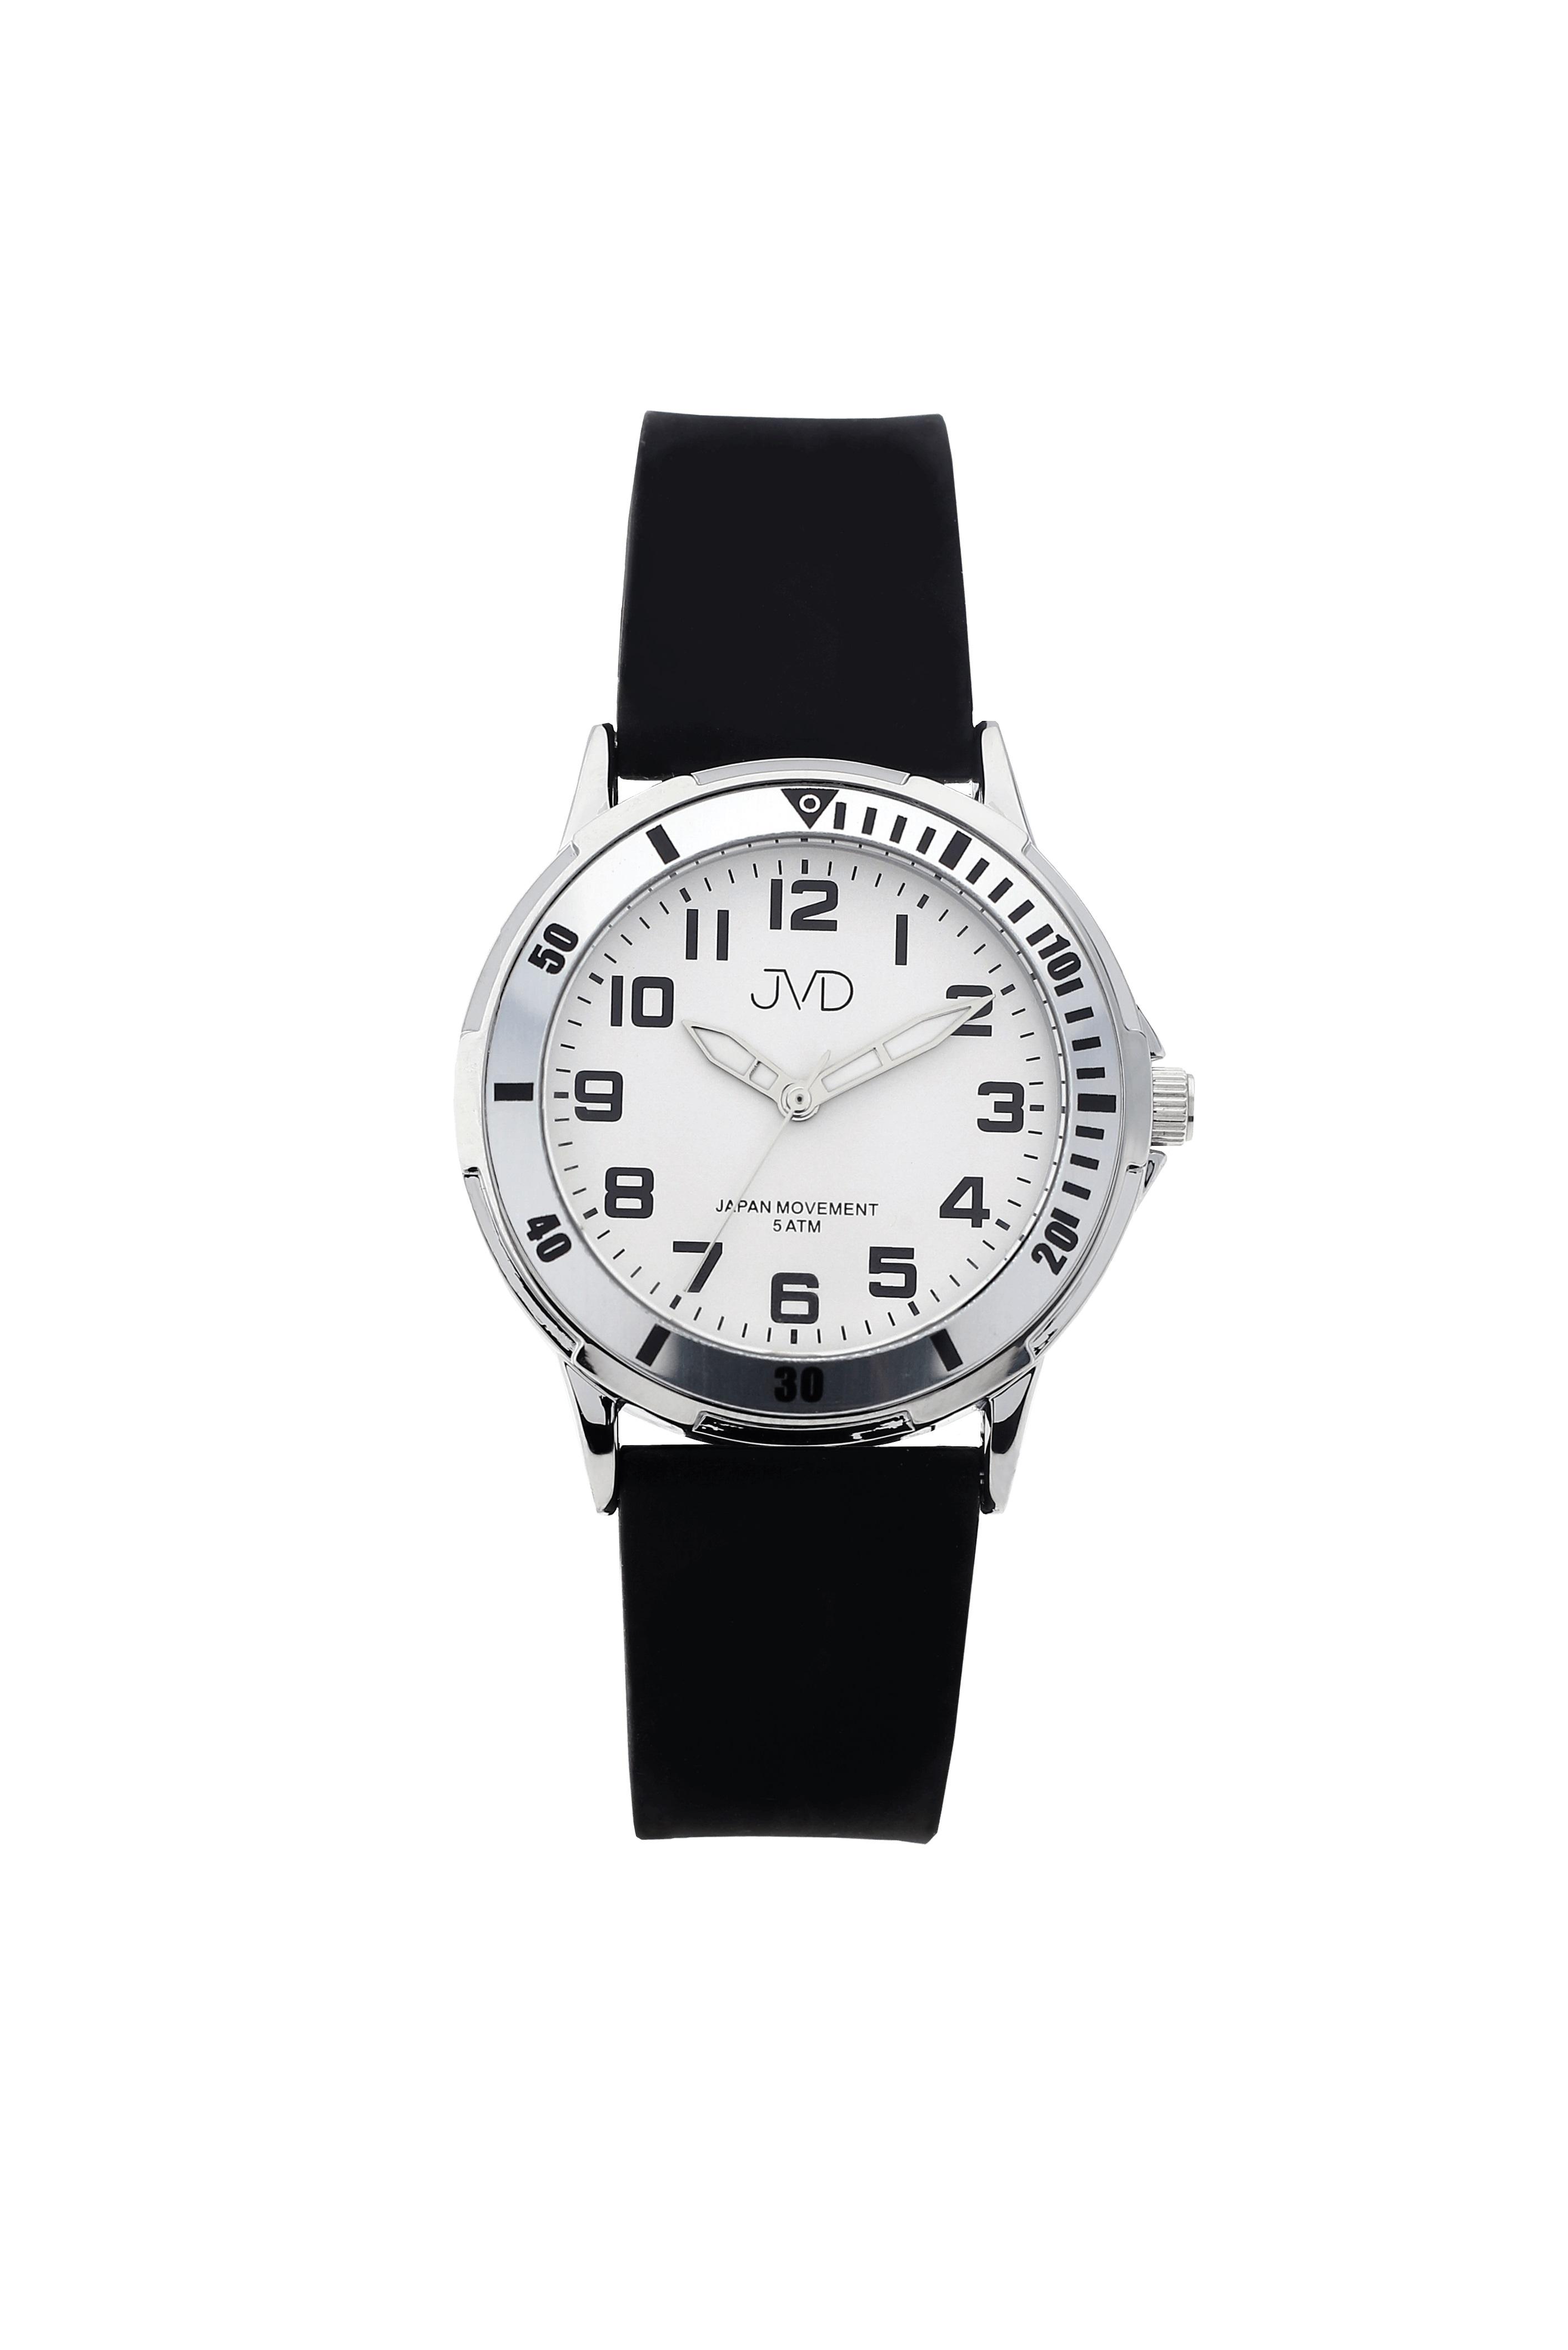 Chlapecké dětské voděodolné náramkové hodinky JVD J7181.3 - 5ATM (POŠTOVNÉ ZDARMA!! )